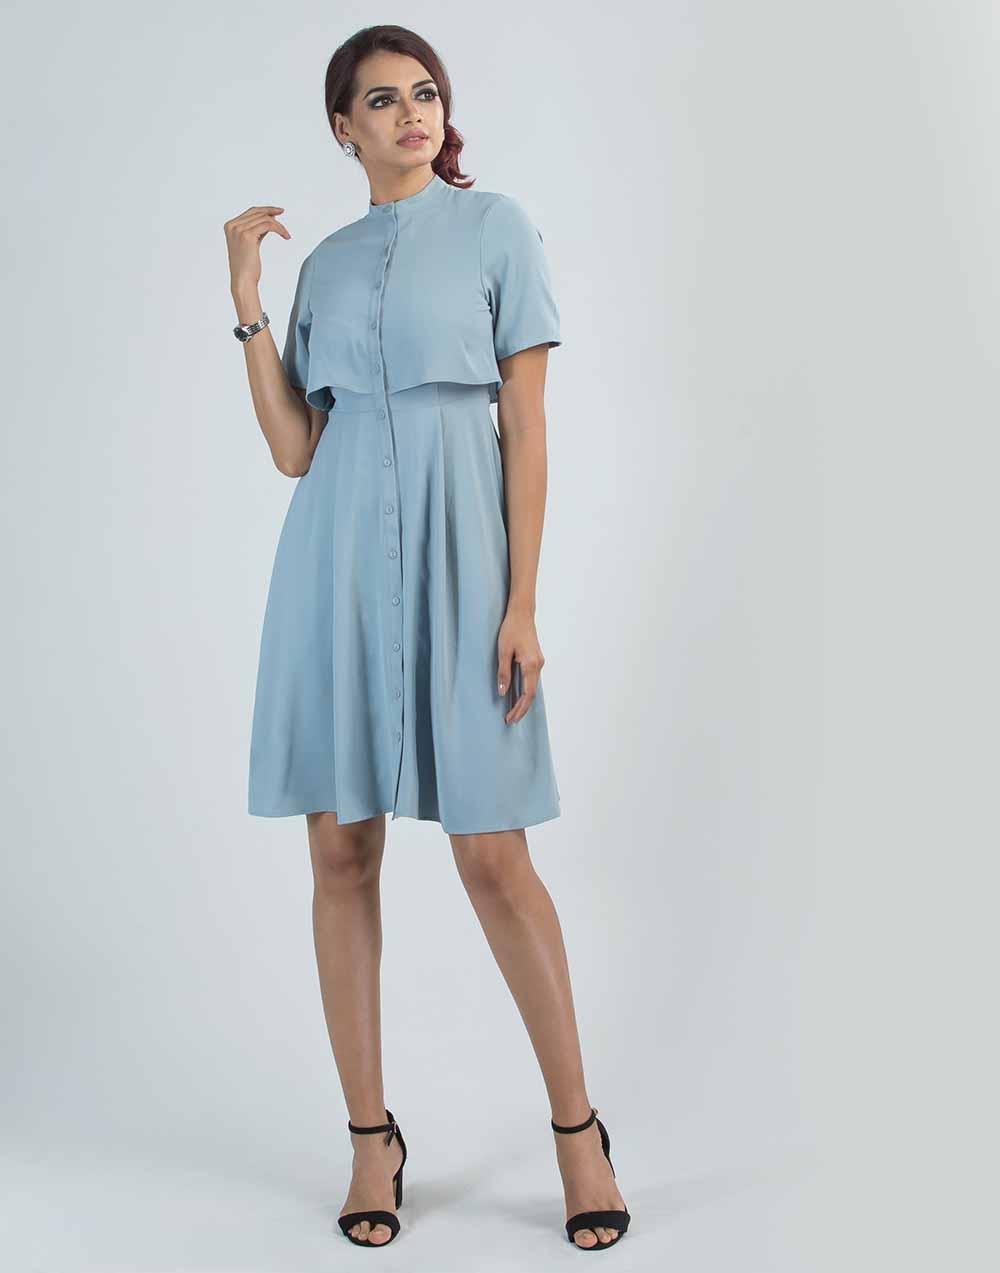 Be New Ww Dress